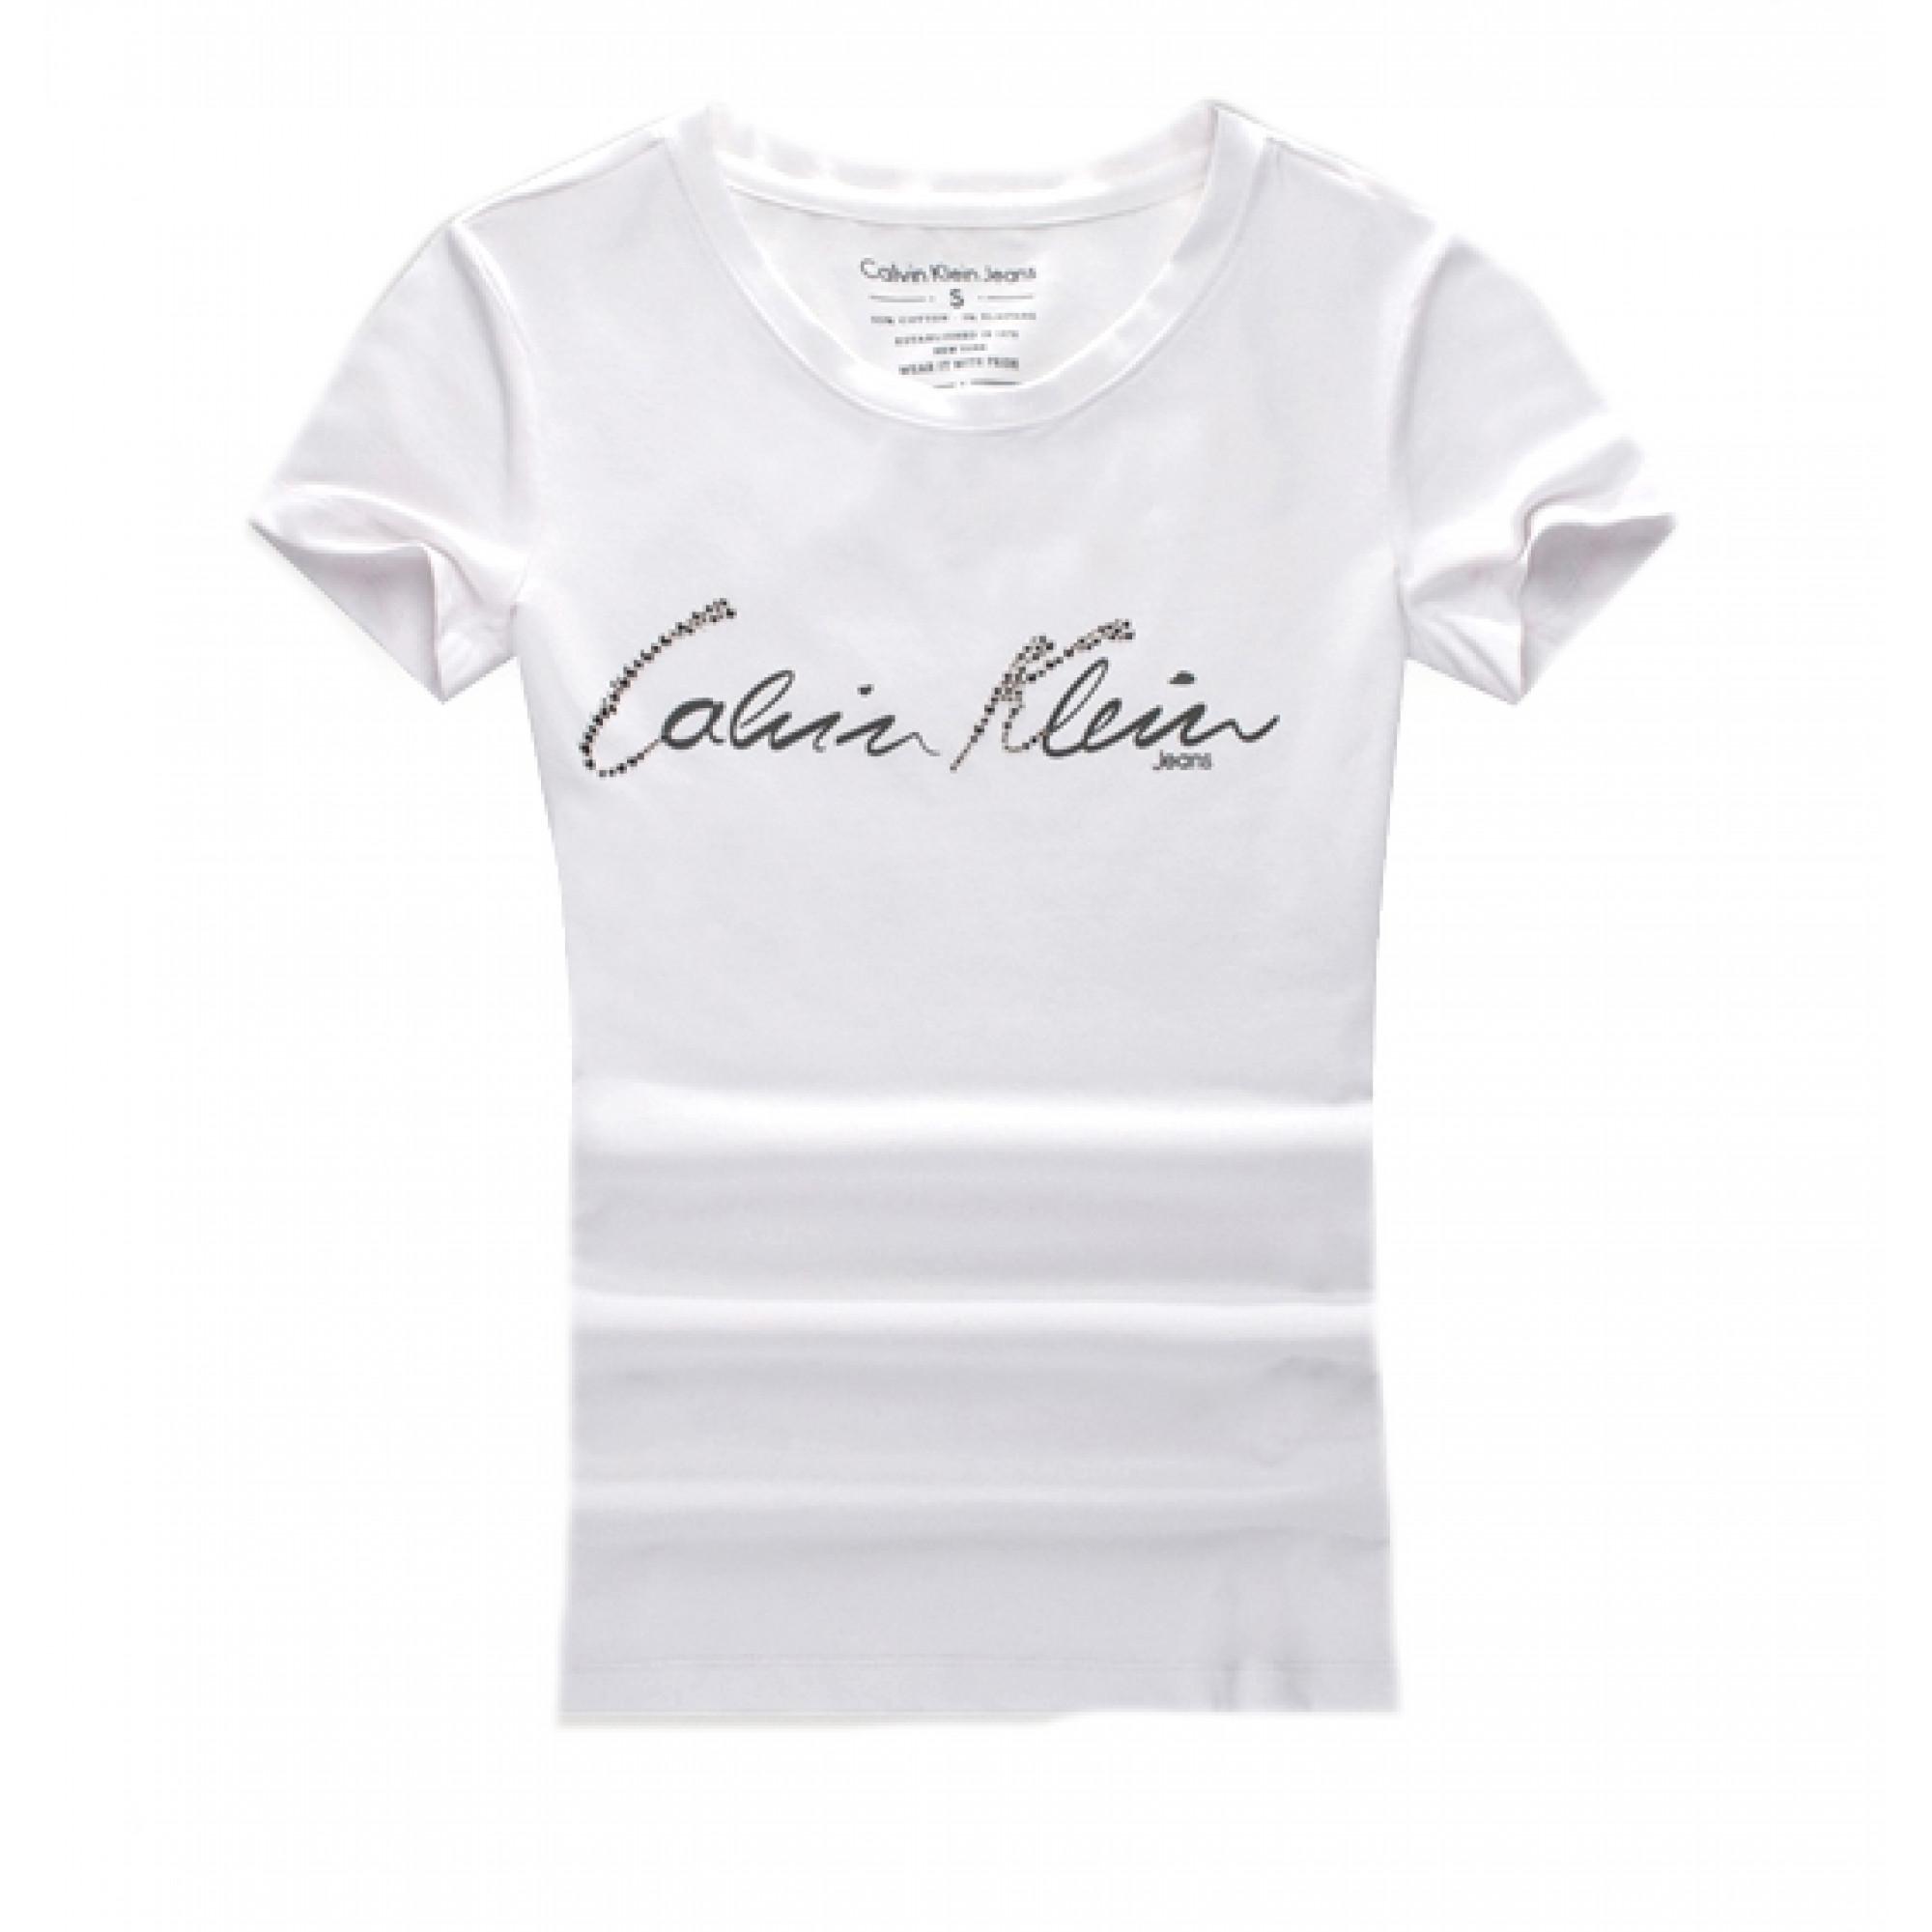 3c03c650279bd Купить белая женская футболка Calvin Klein — в Киеве, код товара 20934